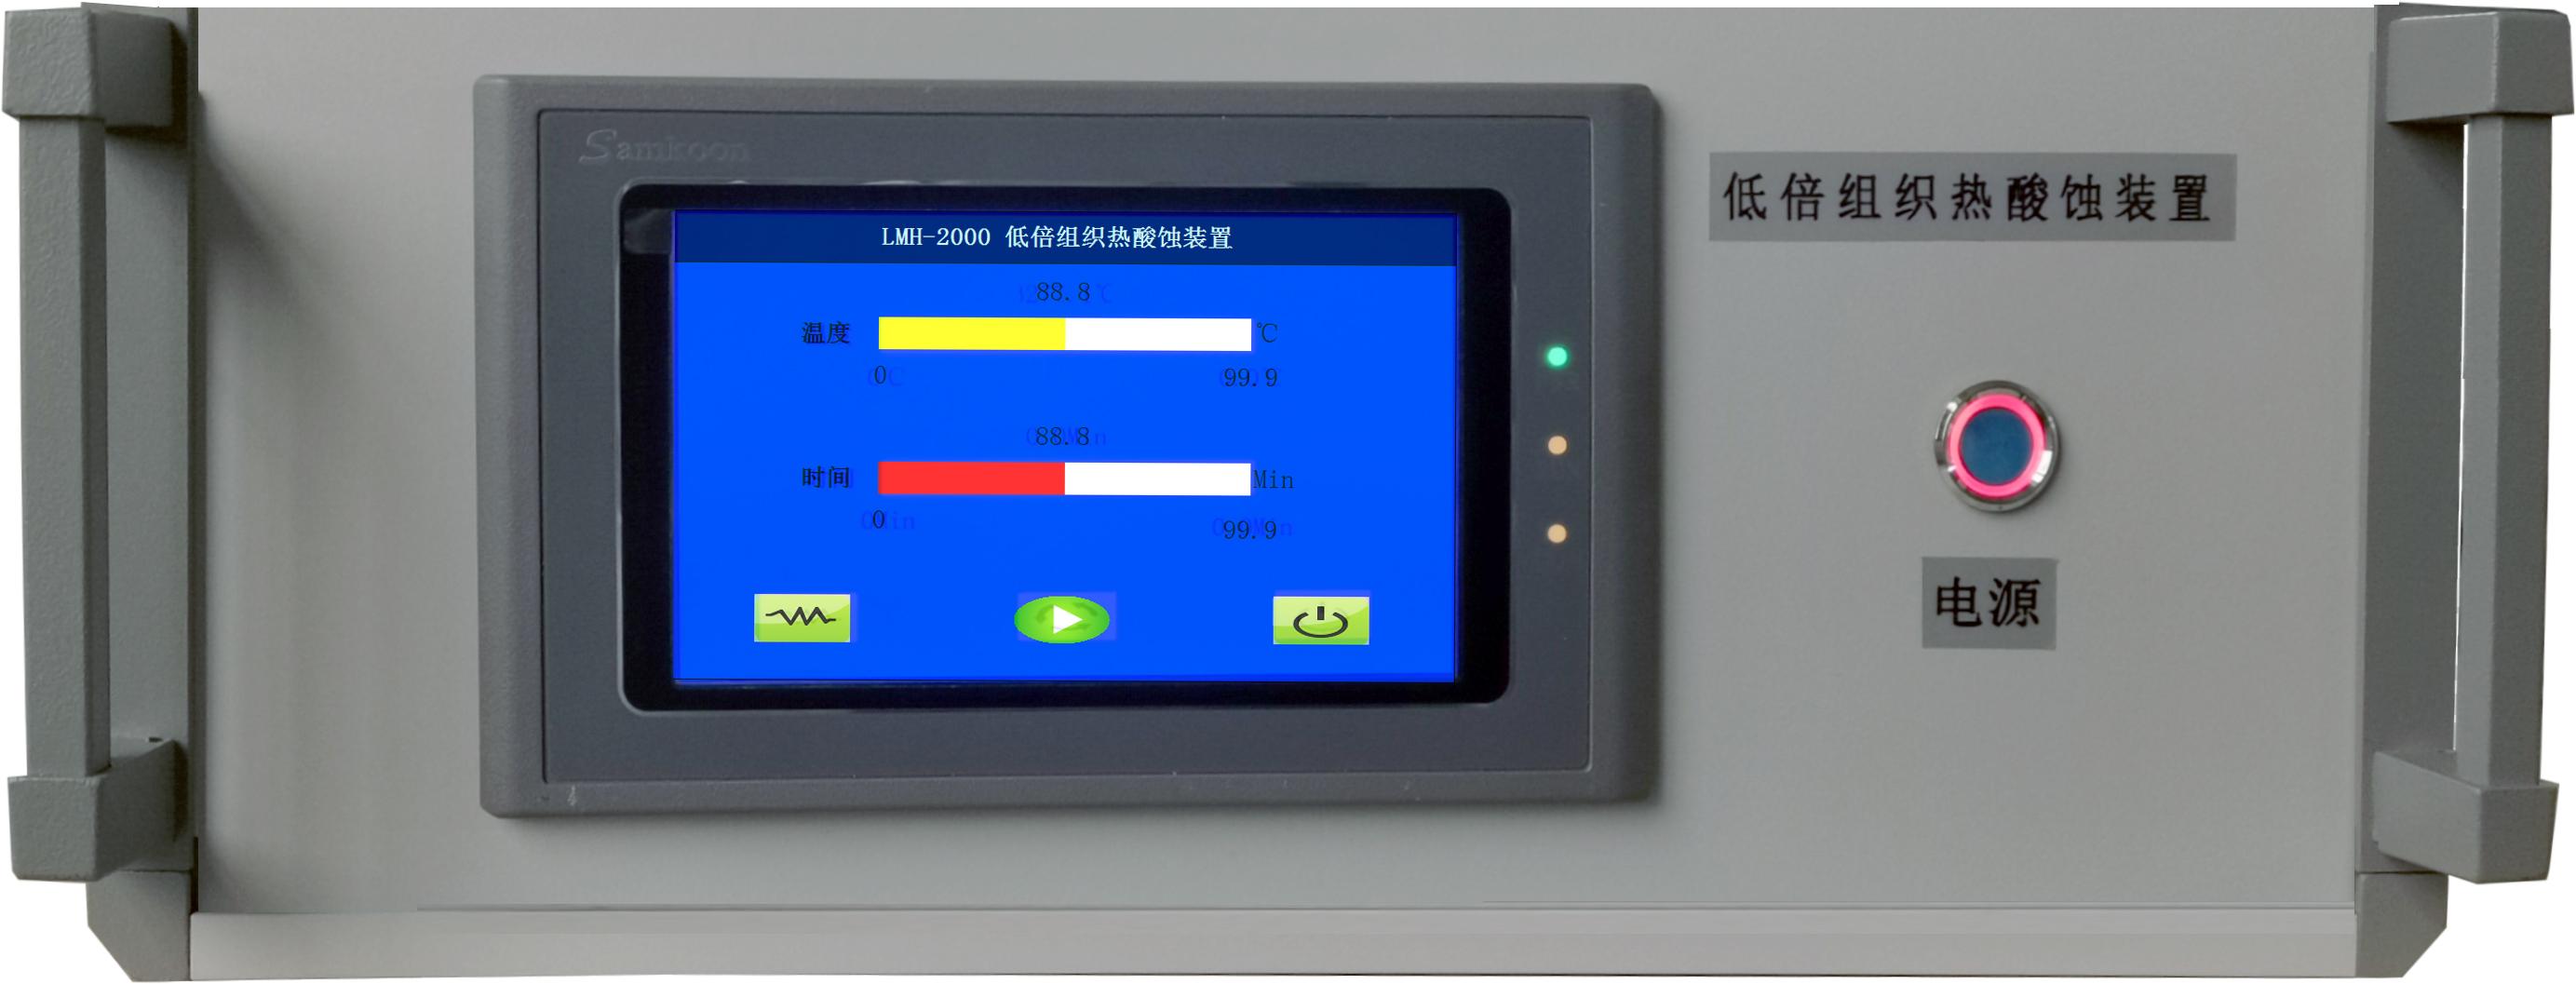 LMH-2000低倍组织热酸蚀装置